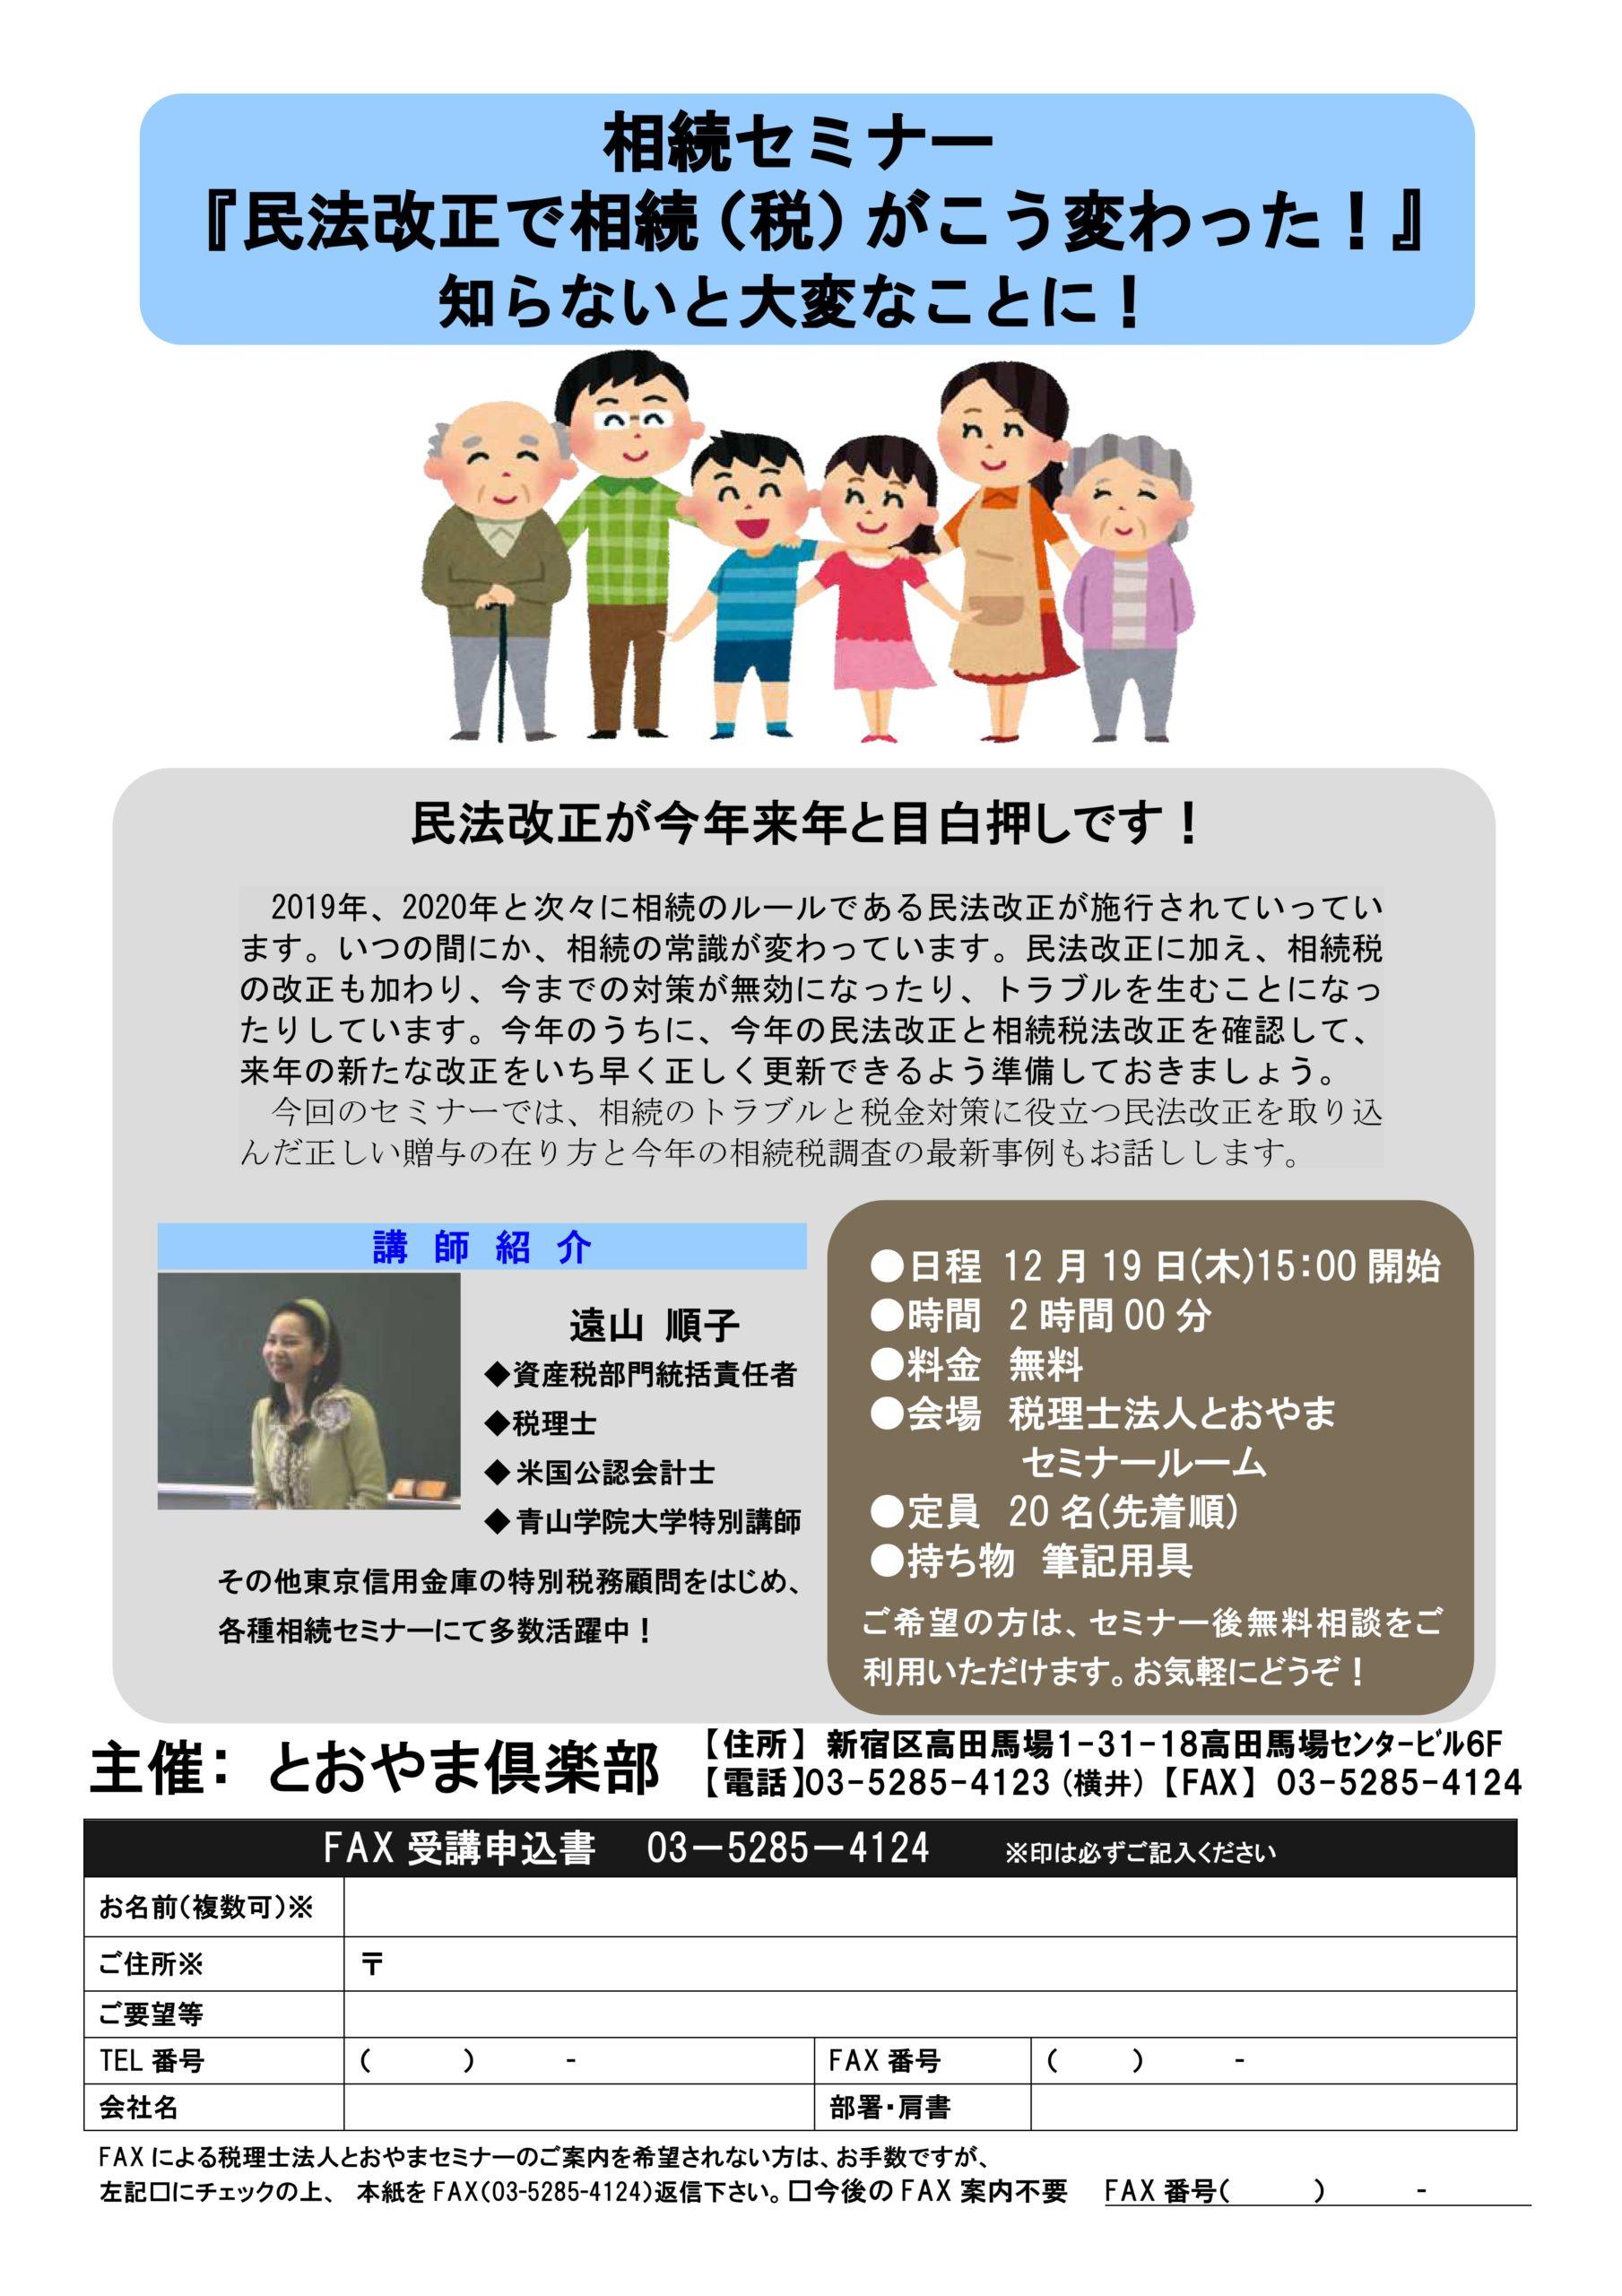 12月19日開催 相続セミナー 『民法改正で相続(税)がこう変わった!』 知らないと大変なことに!